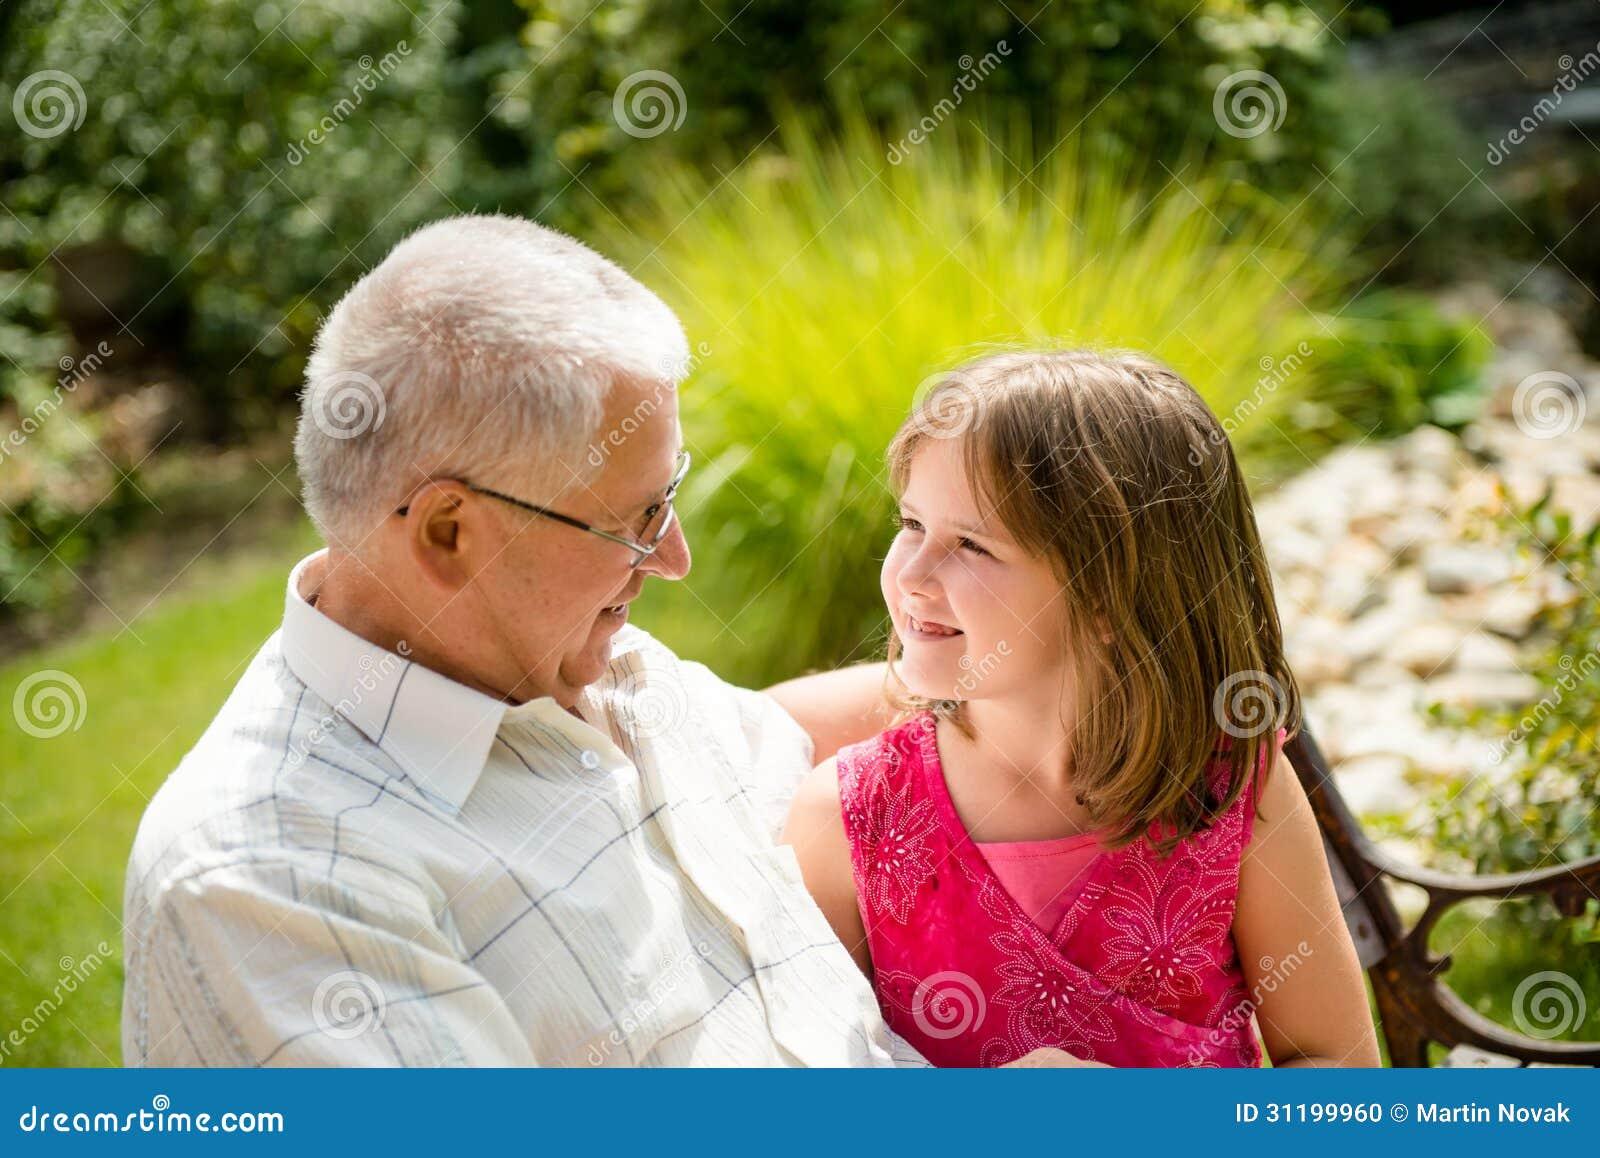 Abuelos Guarros vida feliz - abuelo con el nieto foto de archivo - imagen de